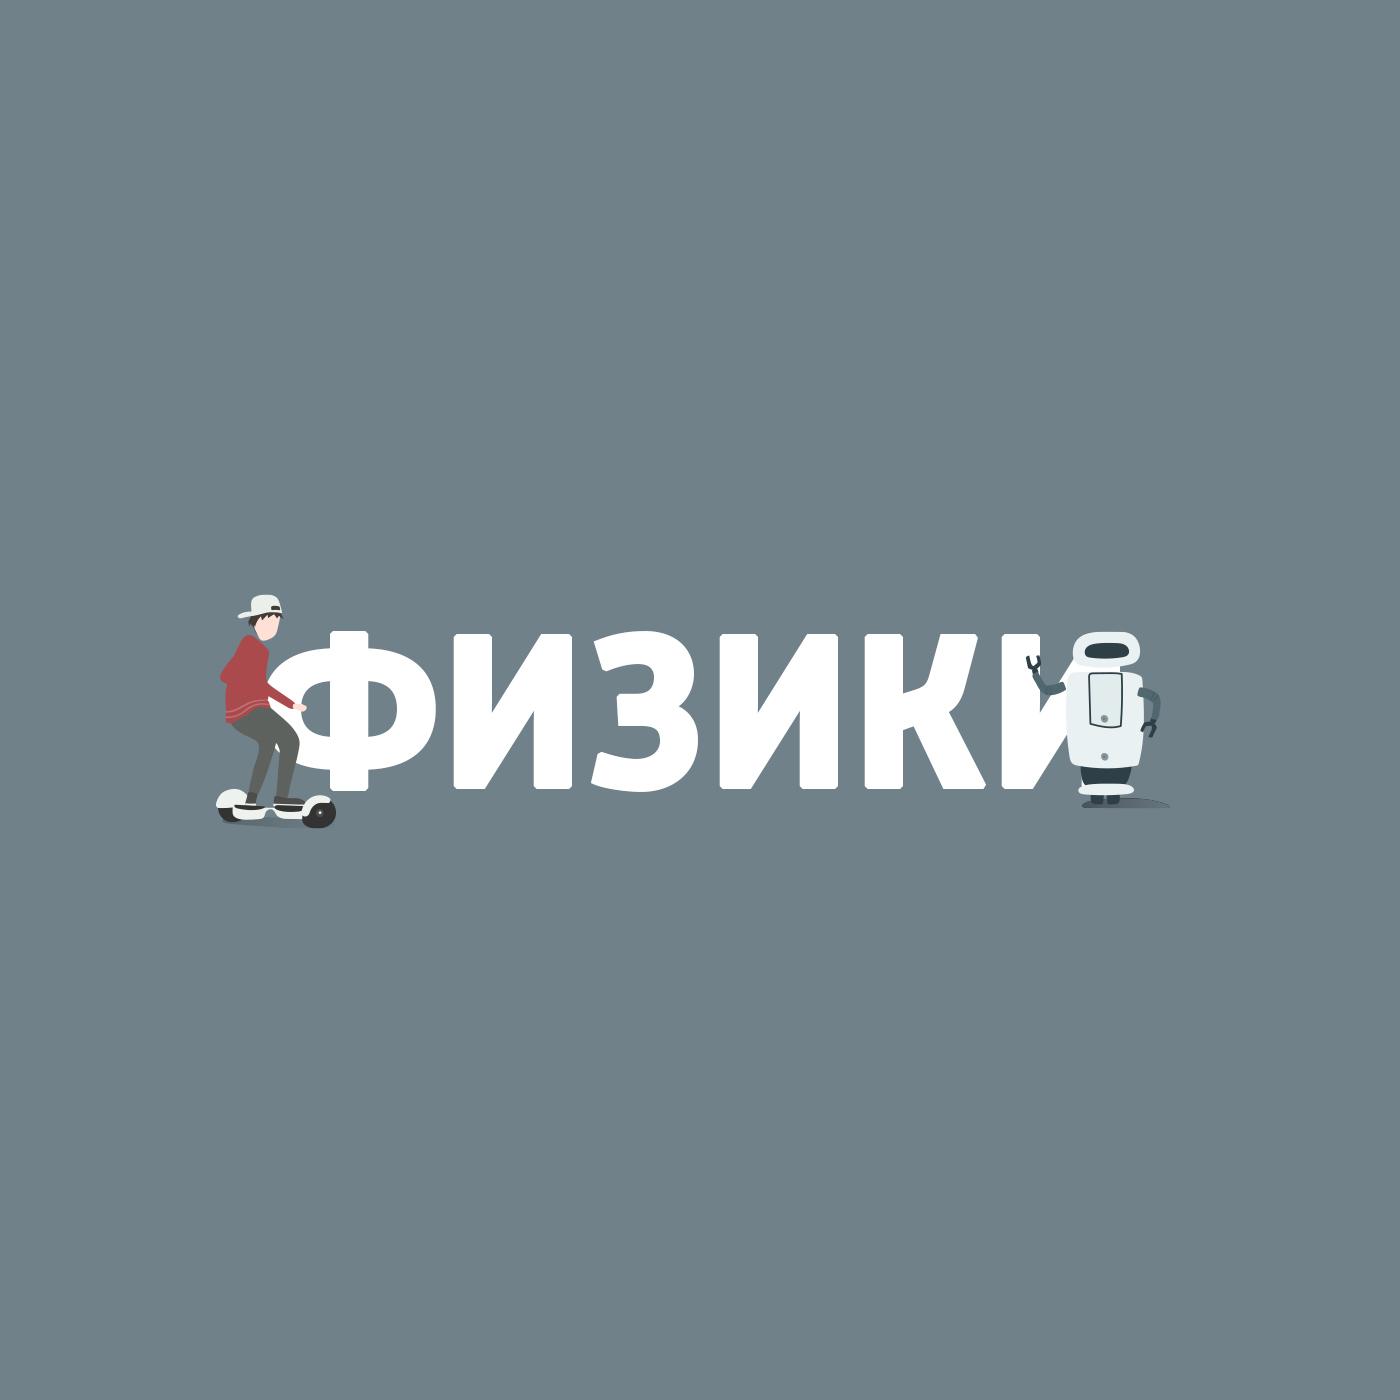 Маргарита Митрофанова Мифы и реальность спортивной генетики маргарита митрофанова математика и музыка